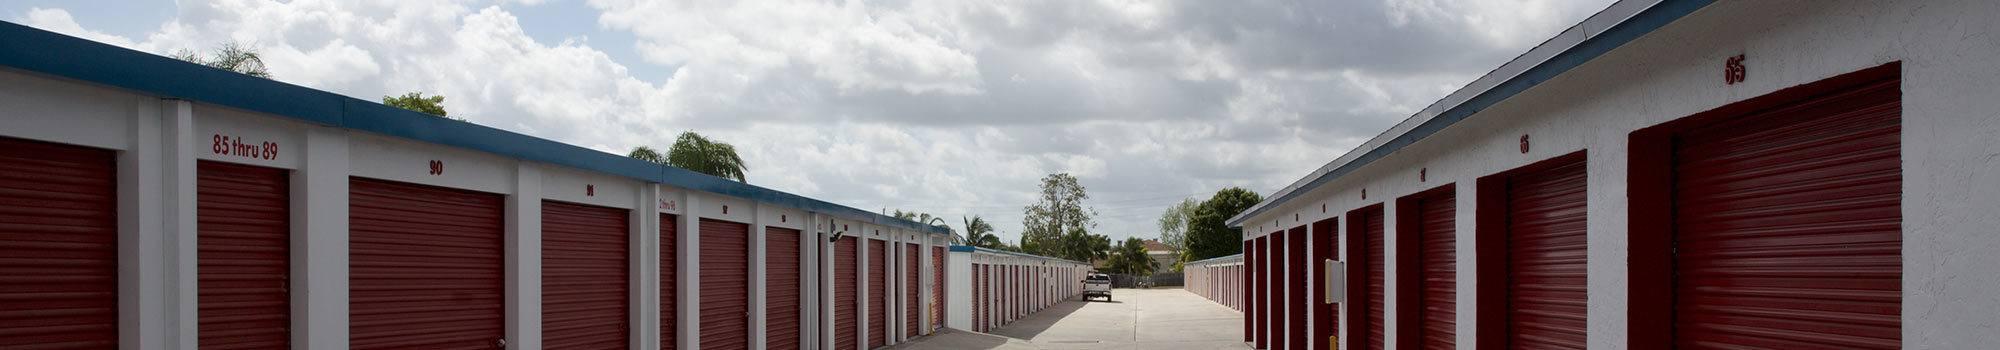 Boat & RV storage offered at Port St Lucie, FL self storage